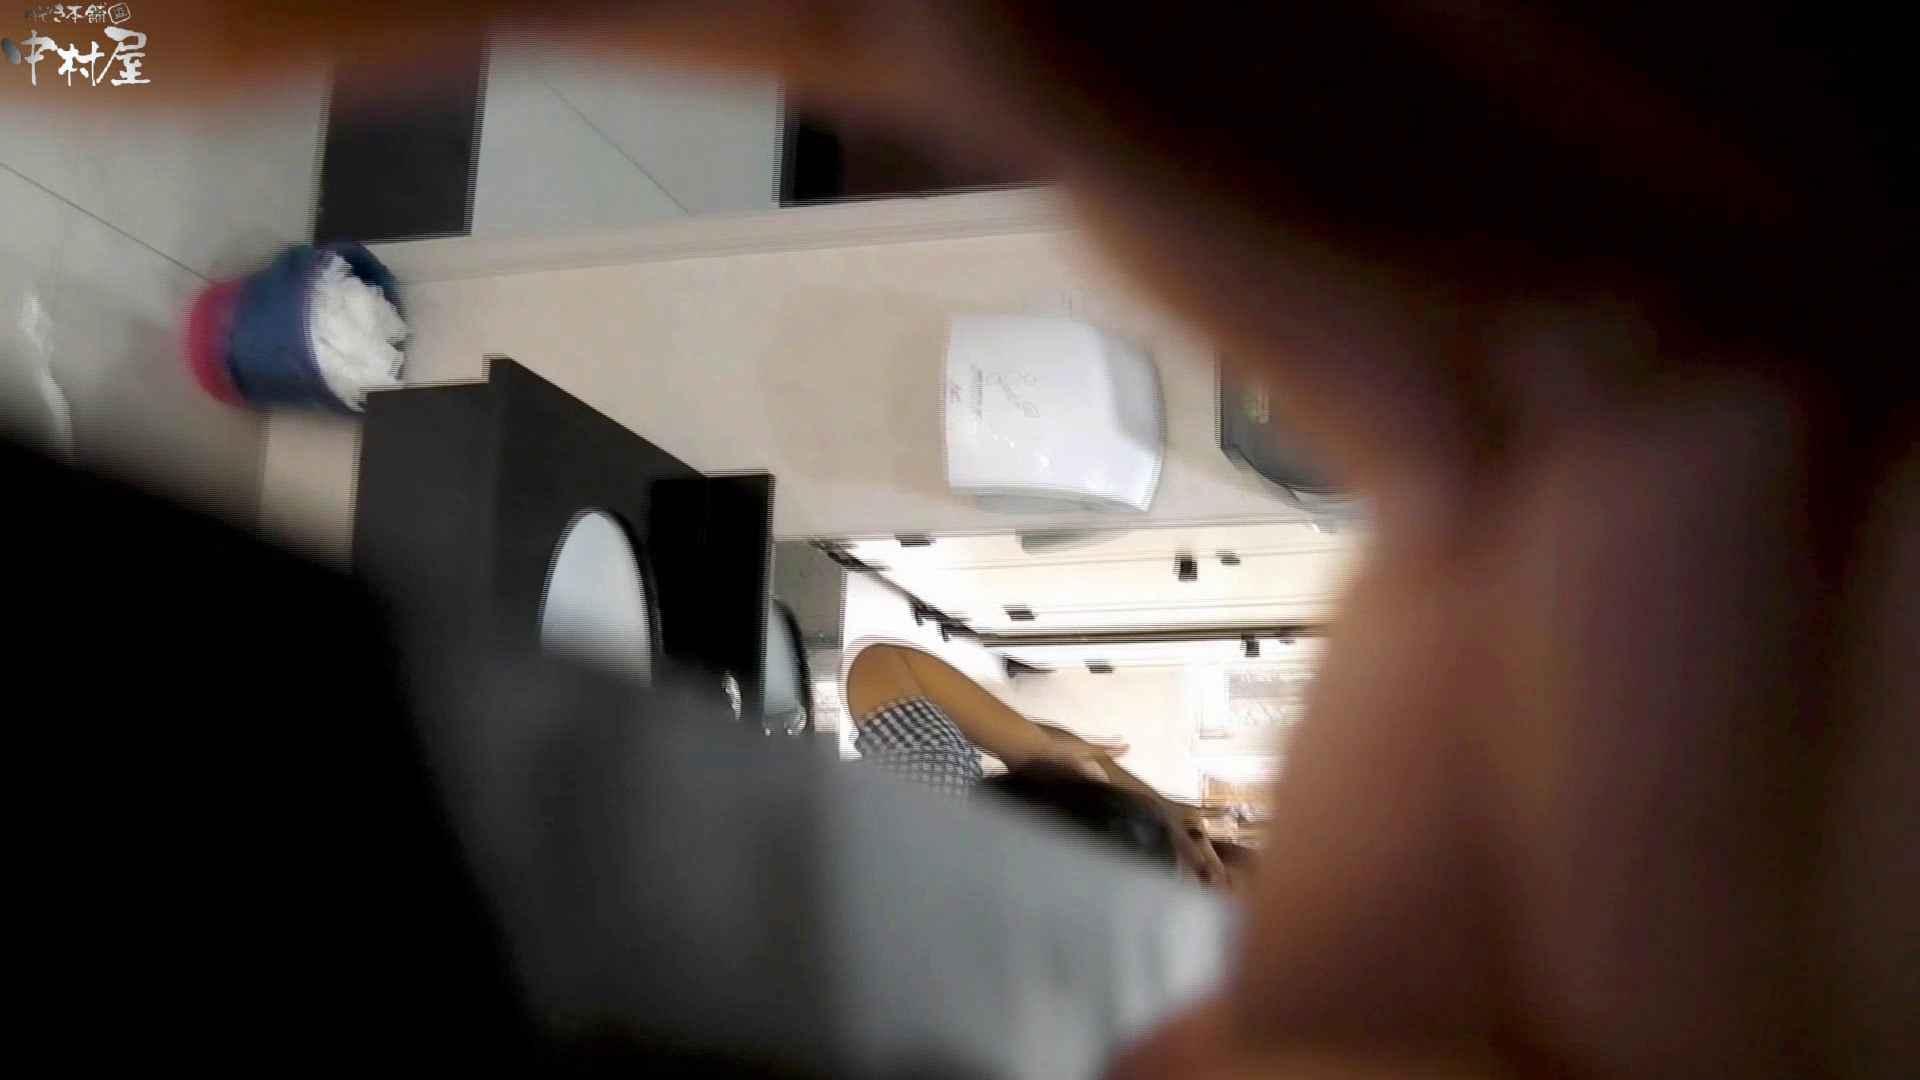 お市さんの「お尻丸出しジャンボリー」No.13 ギャルのマンコ AV無料動画キャプチャ 9枚 4